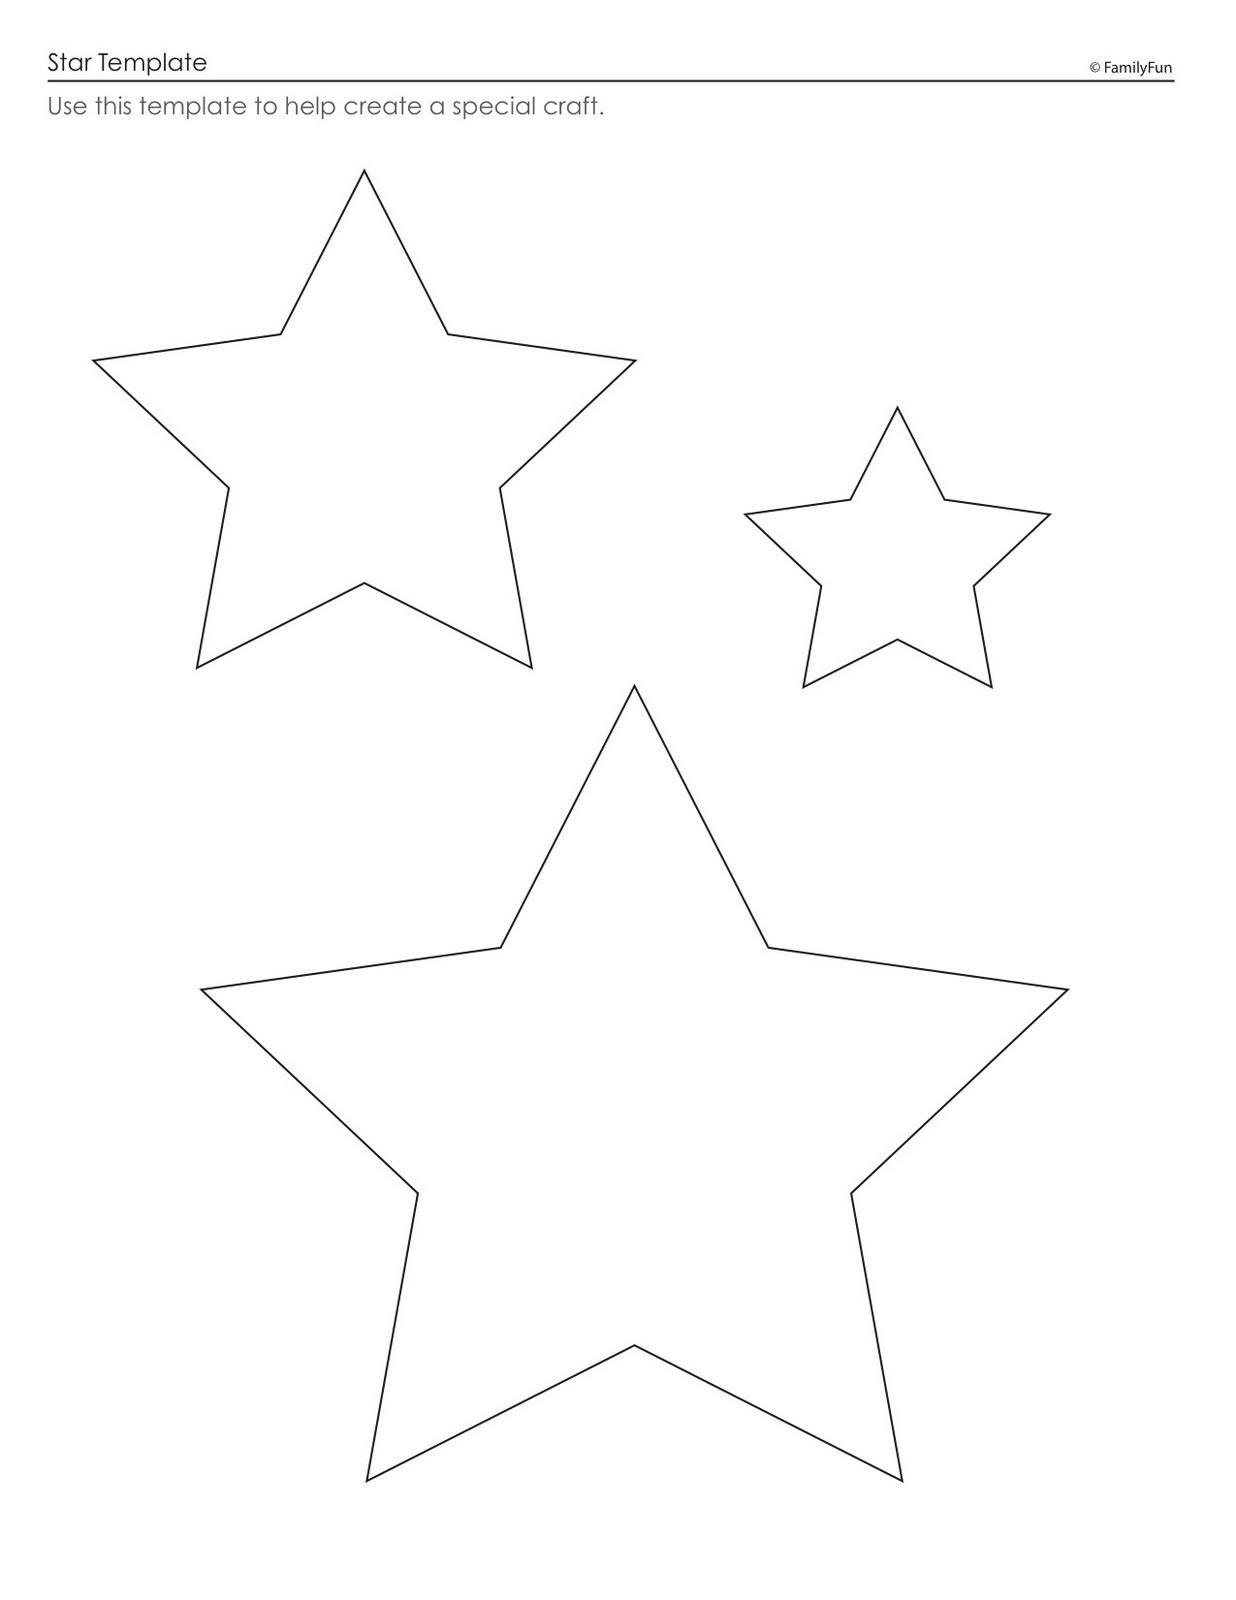 vorlage ausdrucken sterne auschneiden los gehts picture to pin on pinterest pinsdaddy. Black Bedroom Furniture Sets. Home Design Ideas